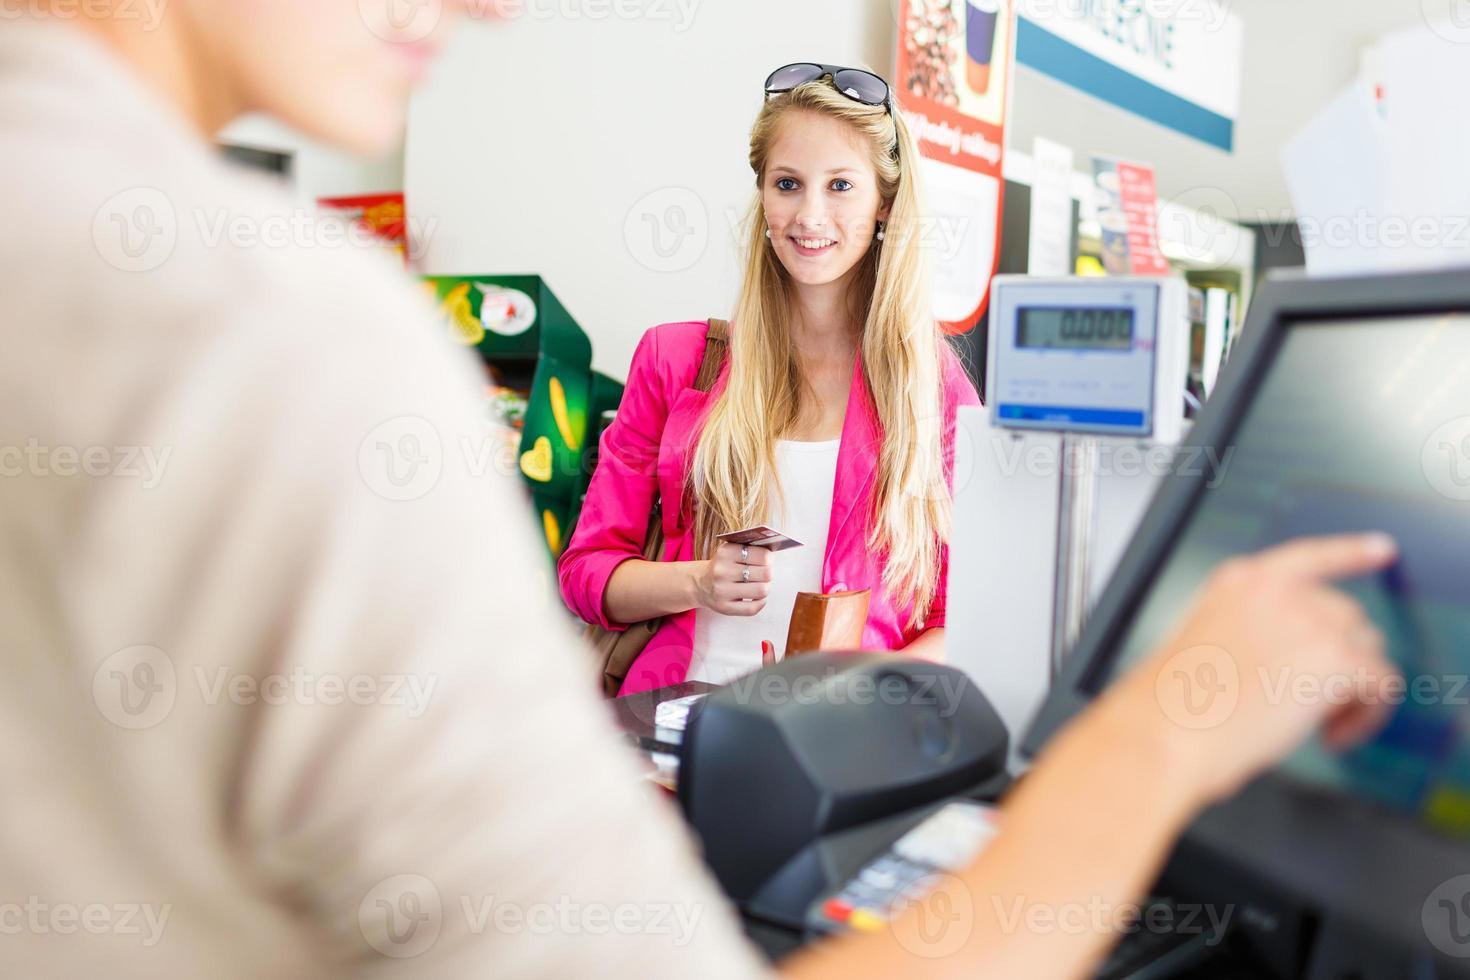 belle jeune femme paie pour ses courses photo